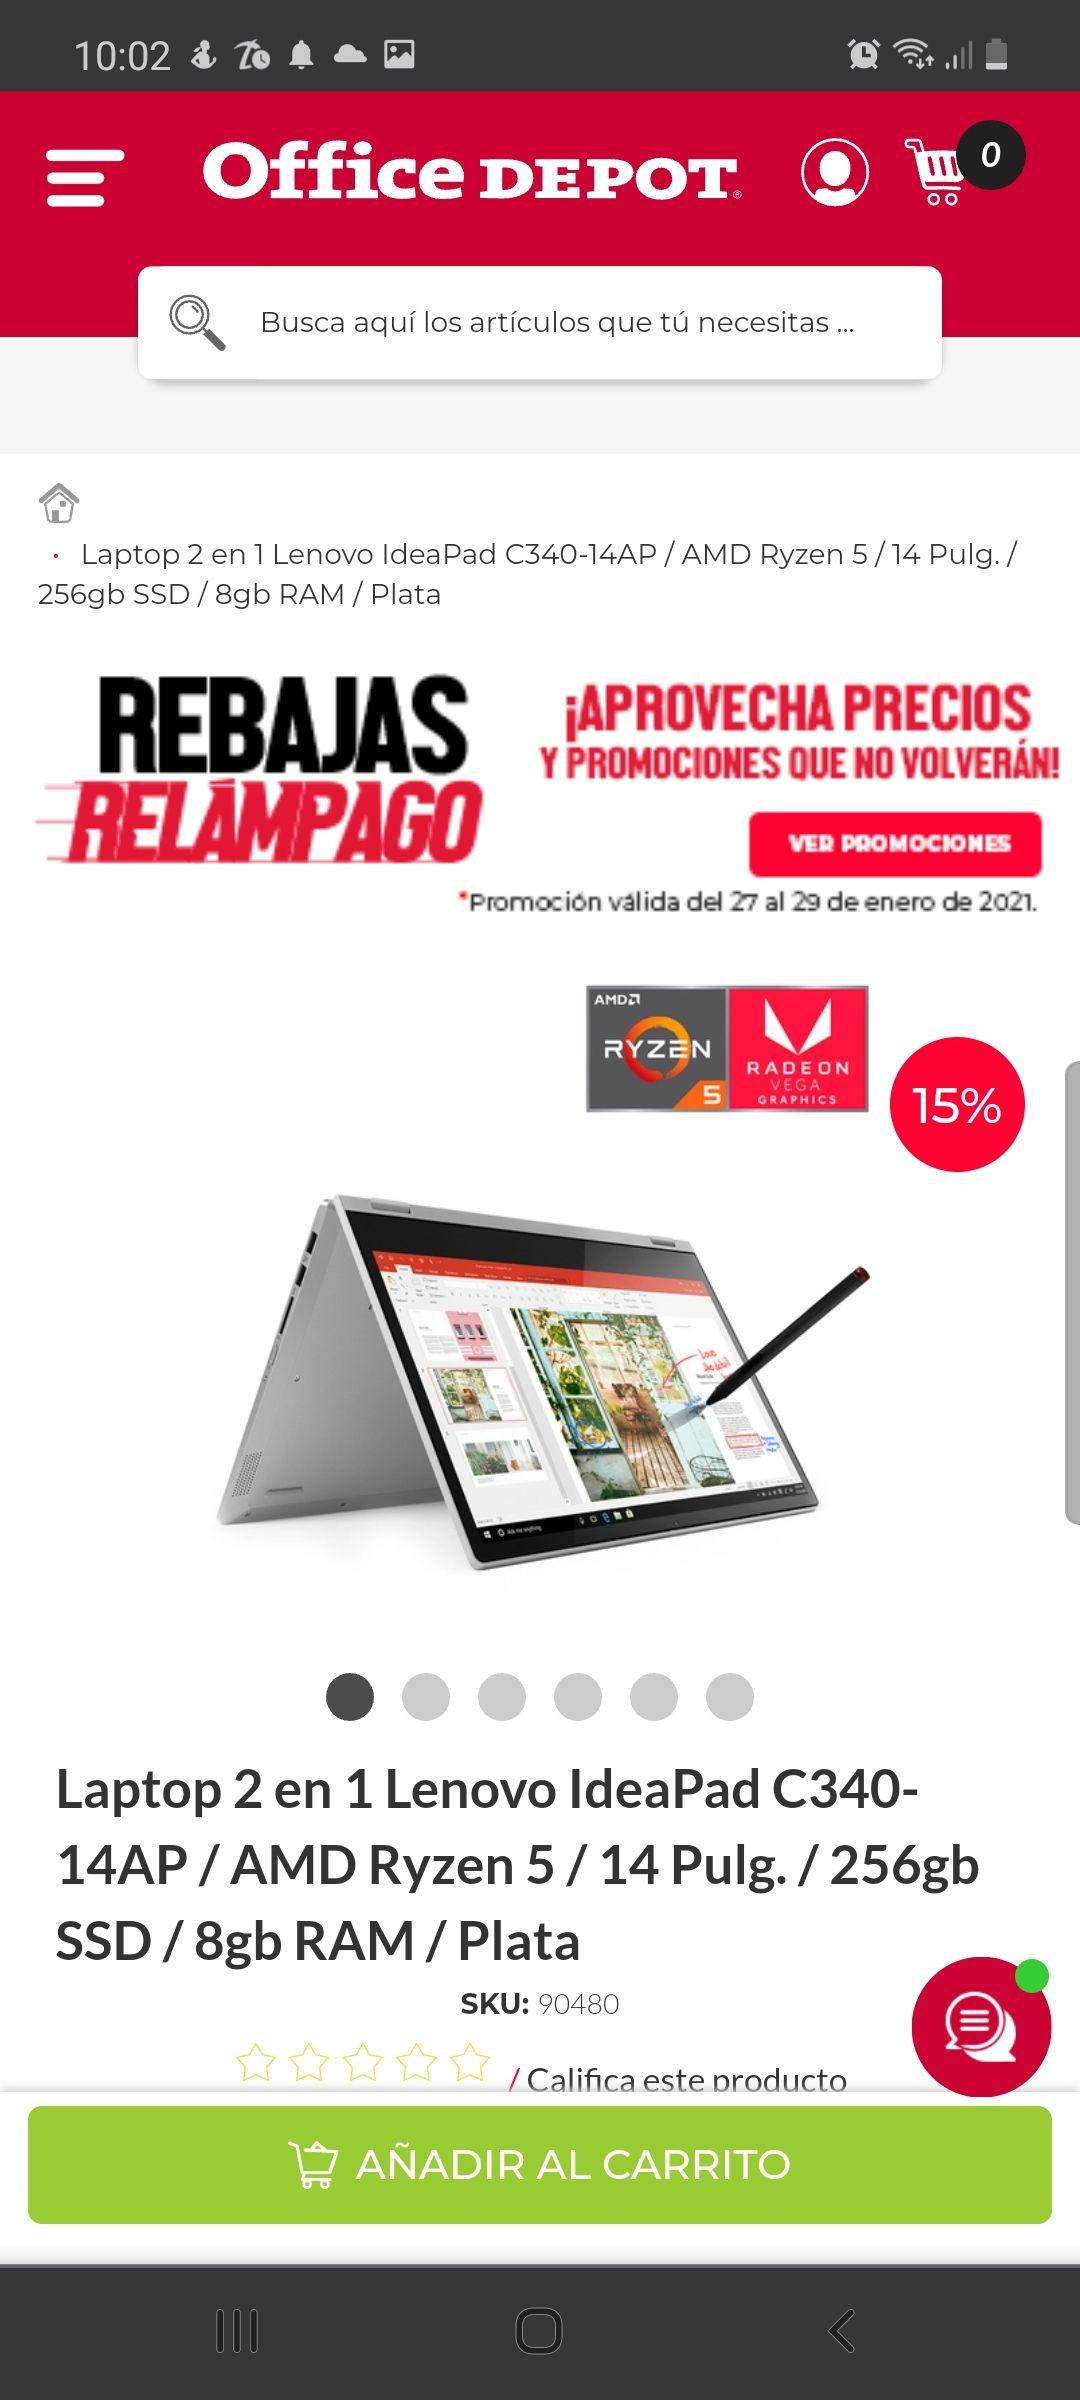 Office Depot: Laptop 2 en 1 Lenovo IdeaPad C340-14AP / AMD Ryzen 5 / 14 Pulg. / 256gb SSD / 8gb RAM office depot